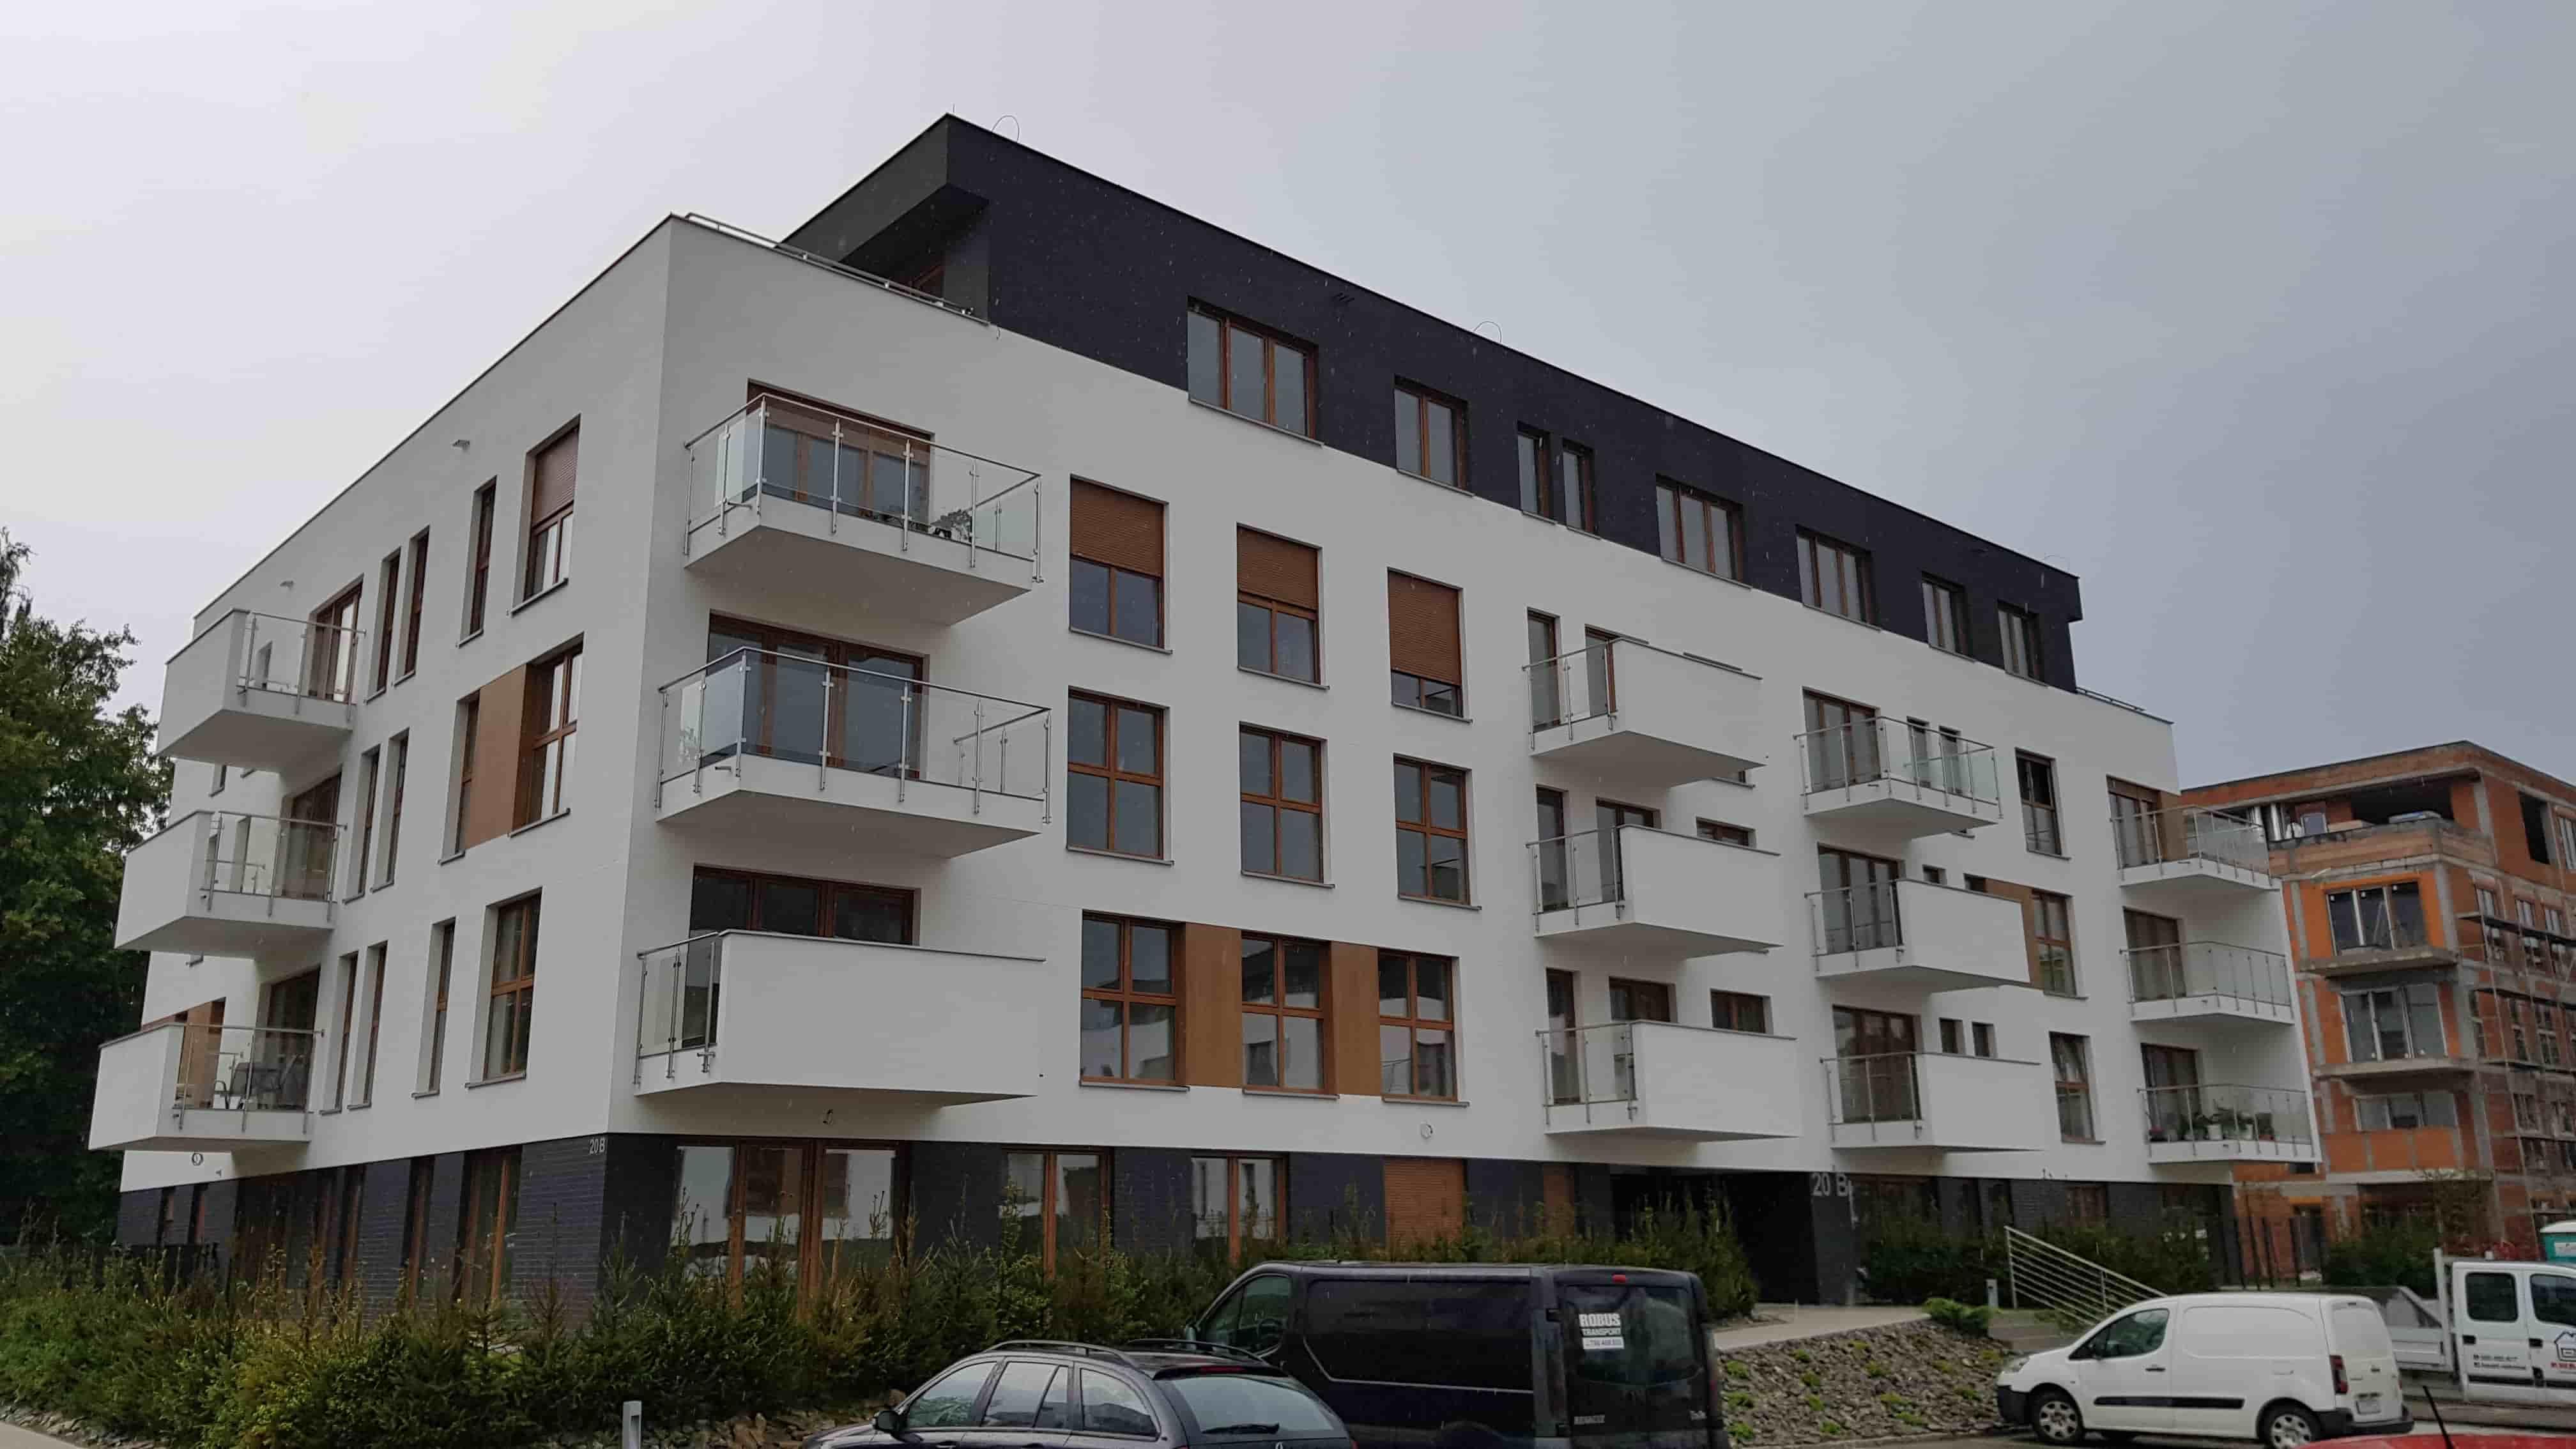 budynek Wspólnoty MIeszkaniowej przy ul. Bażantów 20b w Katowicach